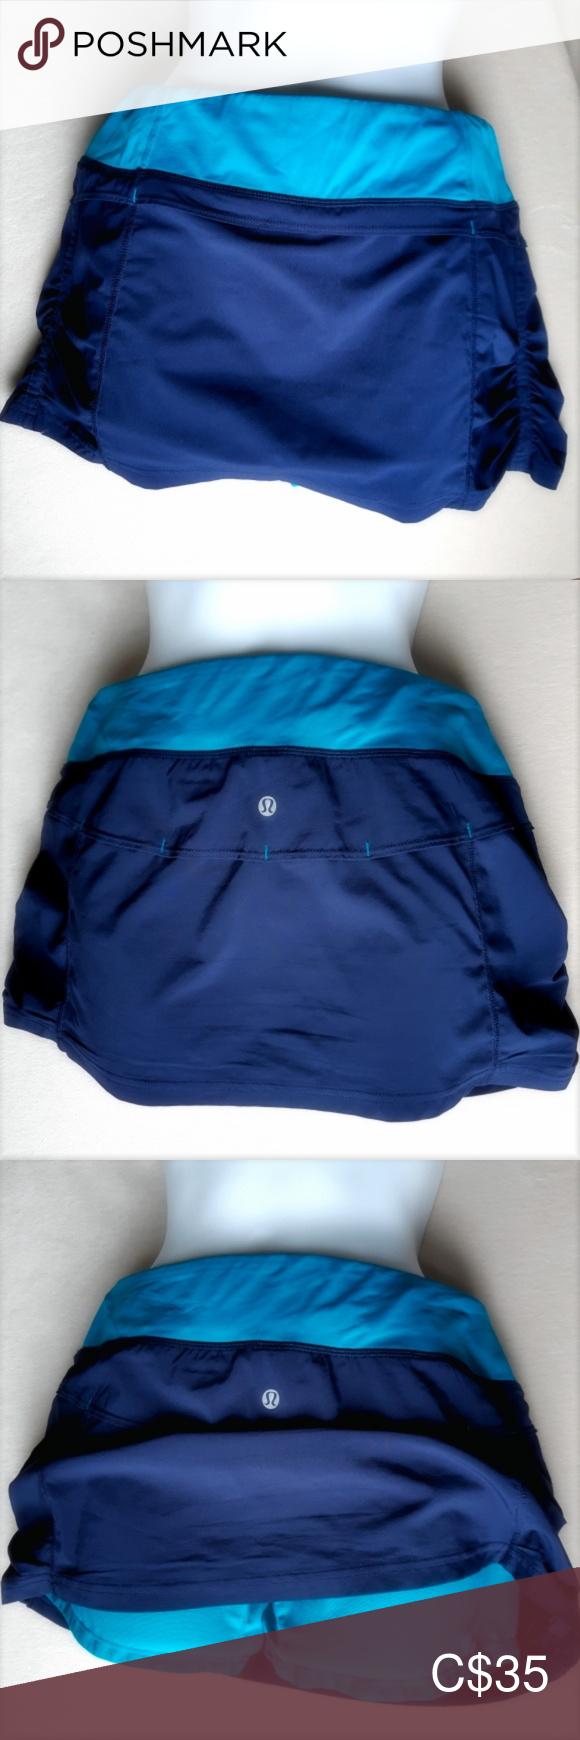 Lululemon Athletica Running Skirt   Tennis Skirt New Lululemon Athletica Running…